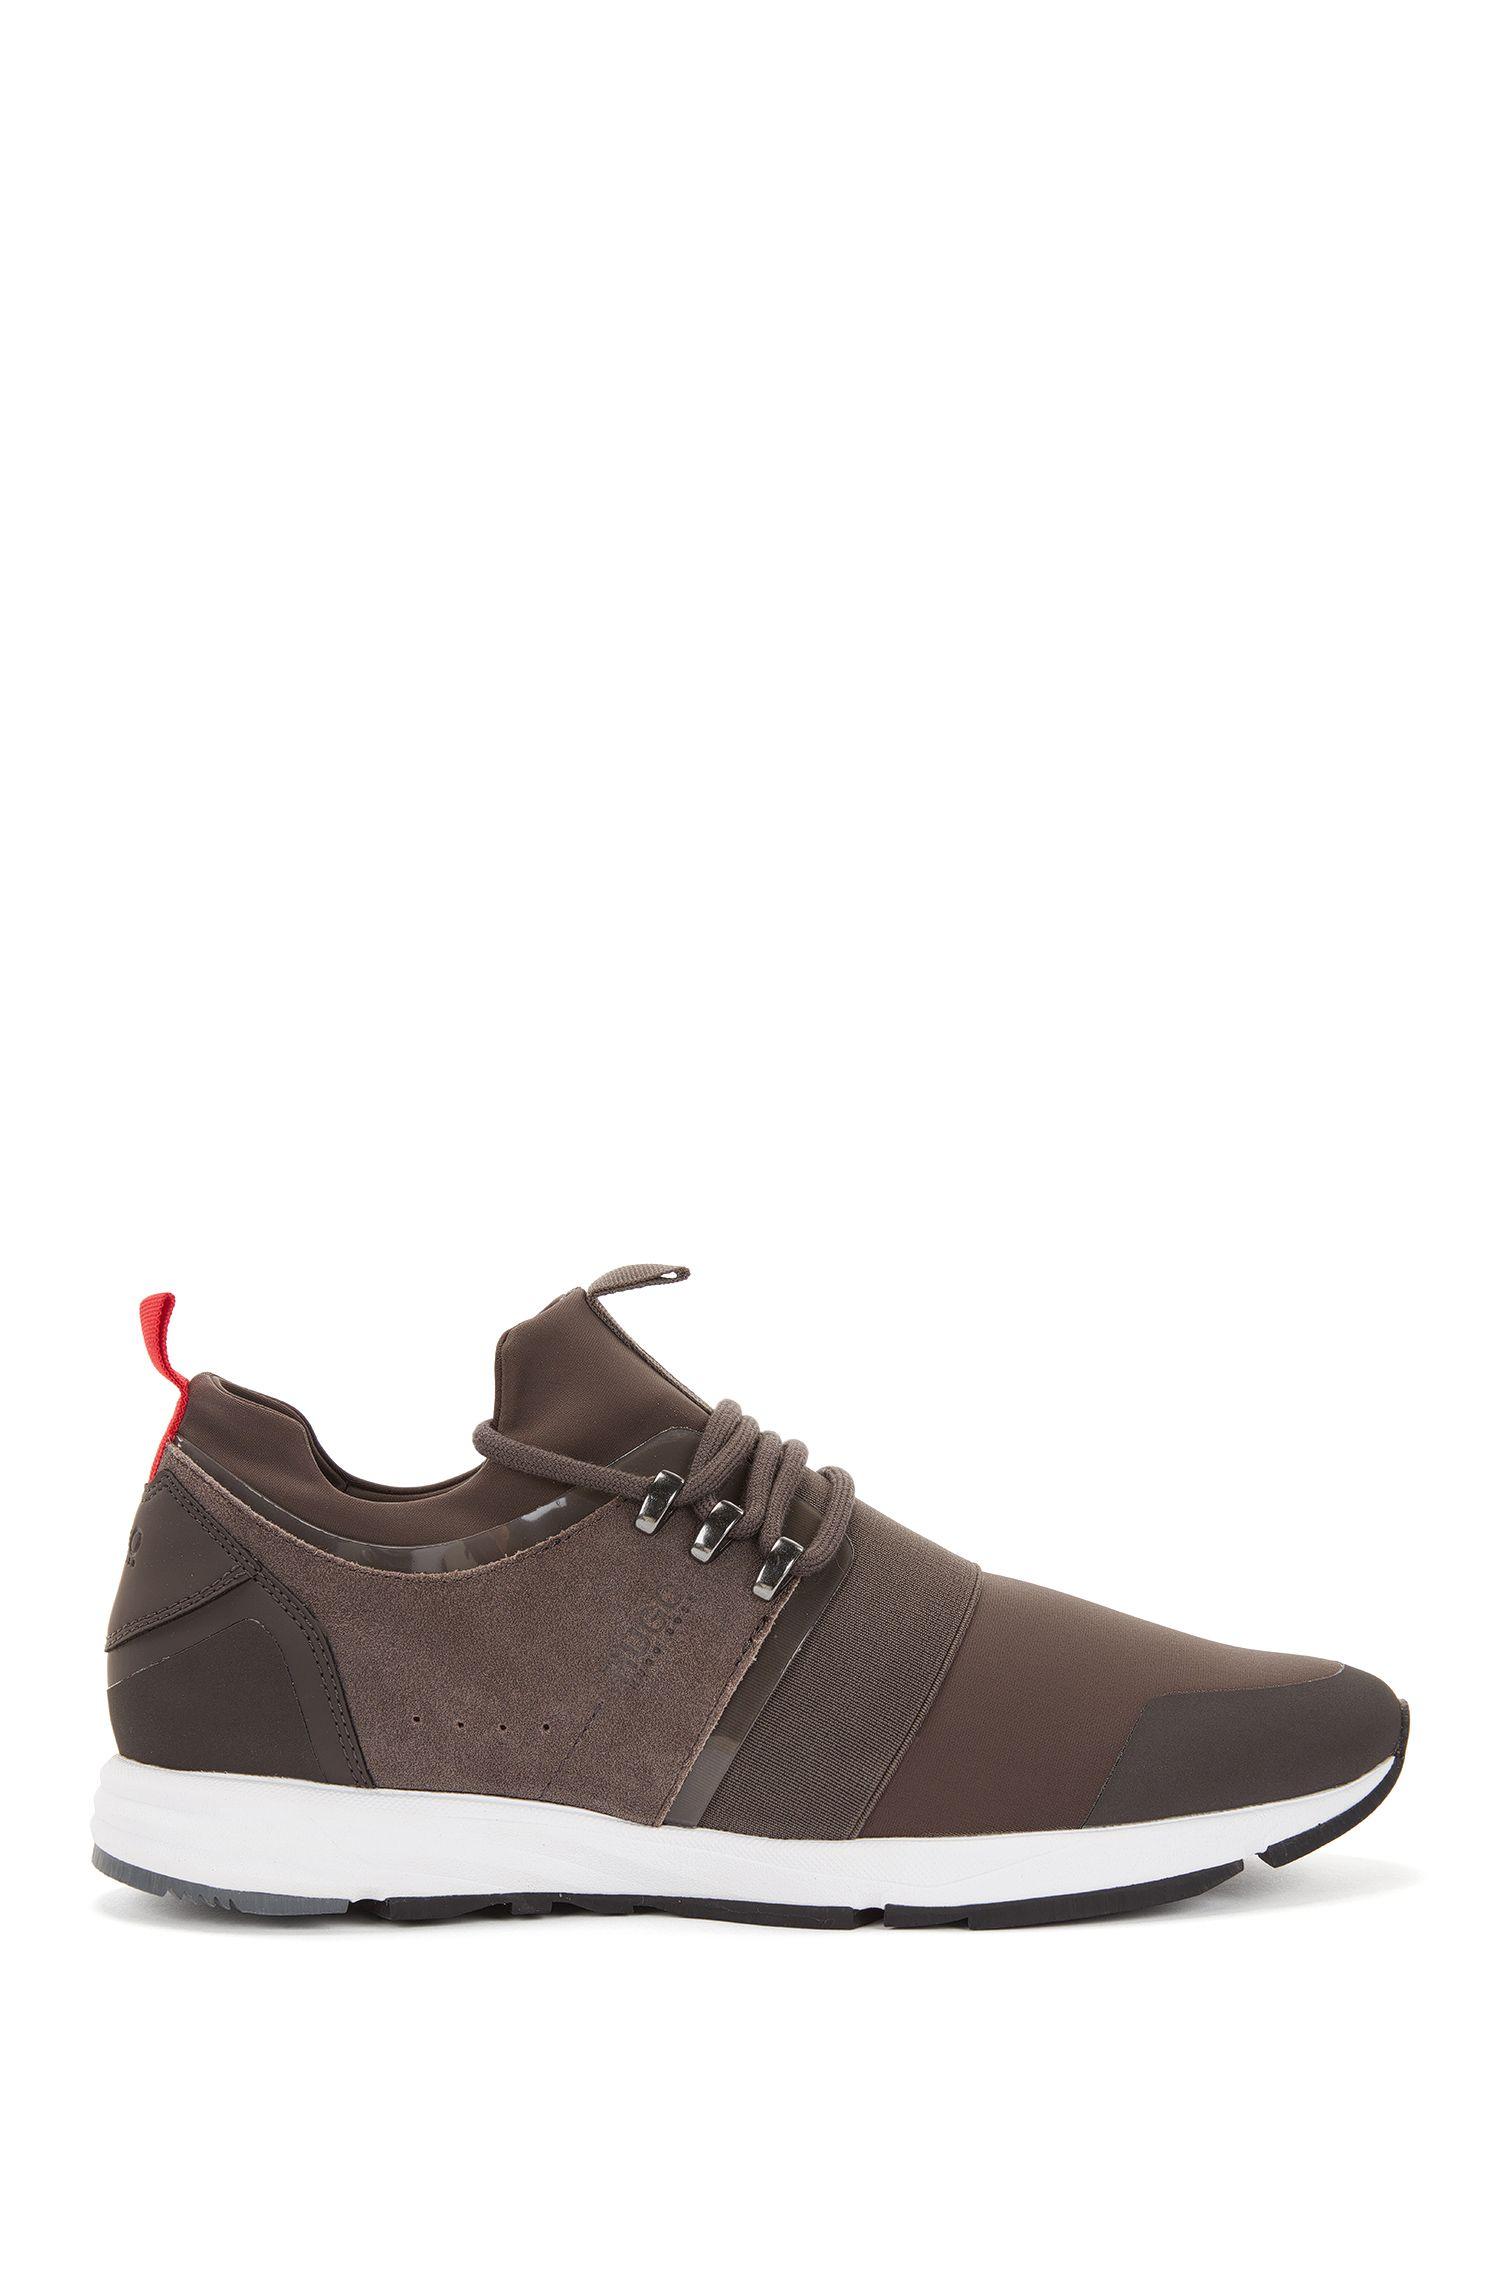 Sneakers mit Vibram-Sohle und elastischem Riemen